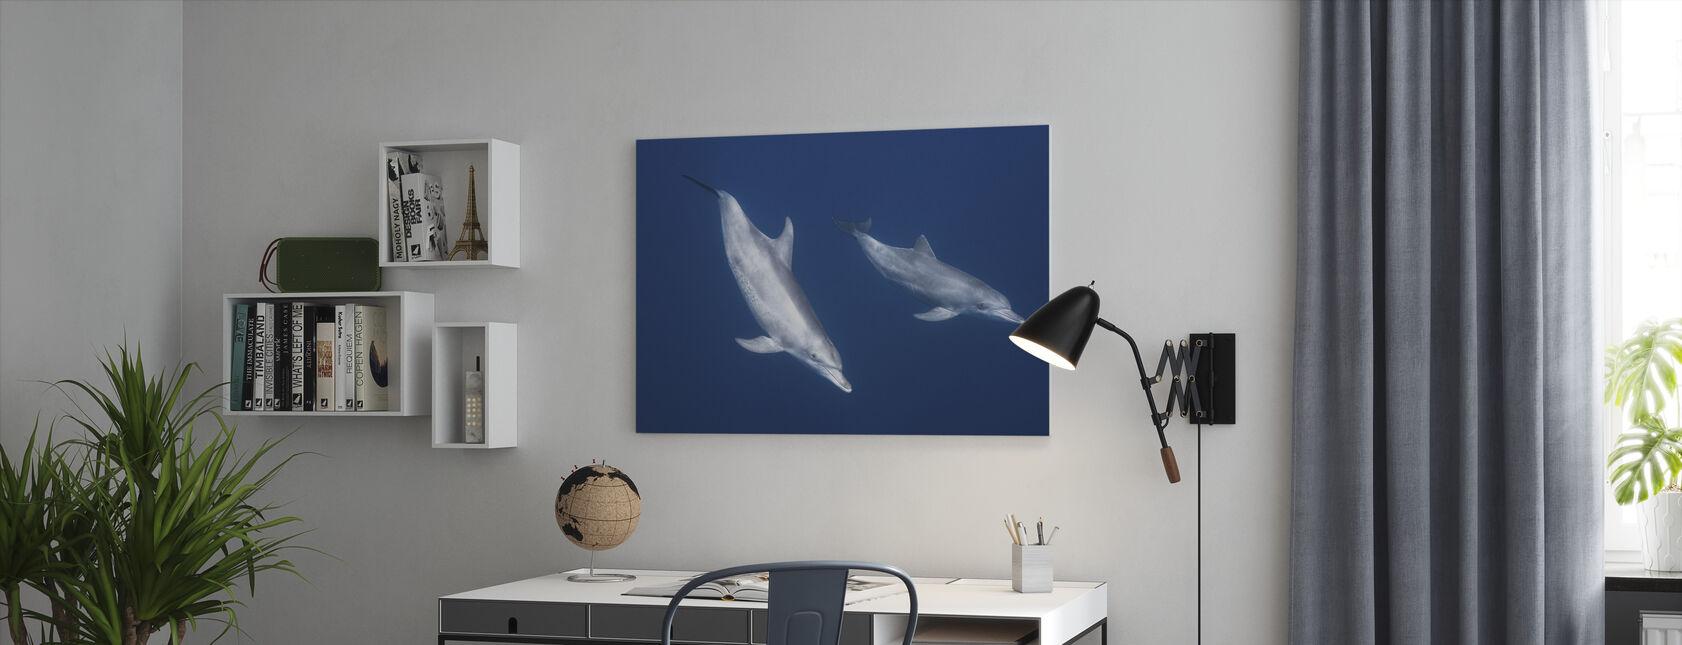 Tuimelaars dolfijnen - Canvas print - Kantoor